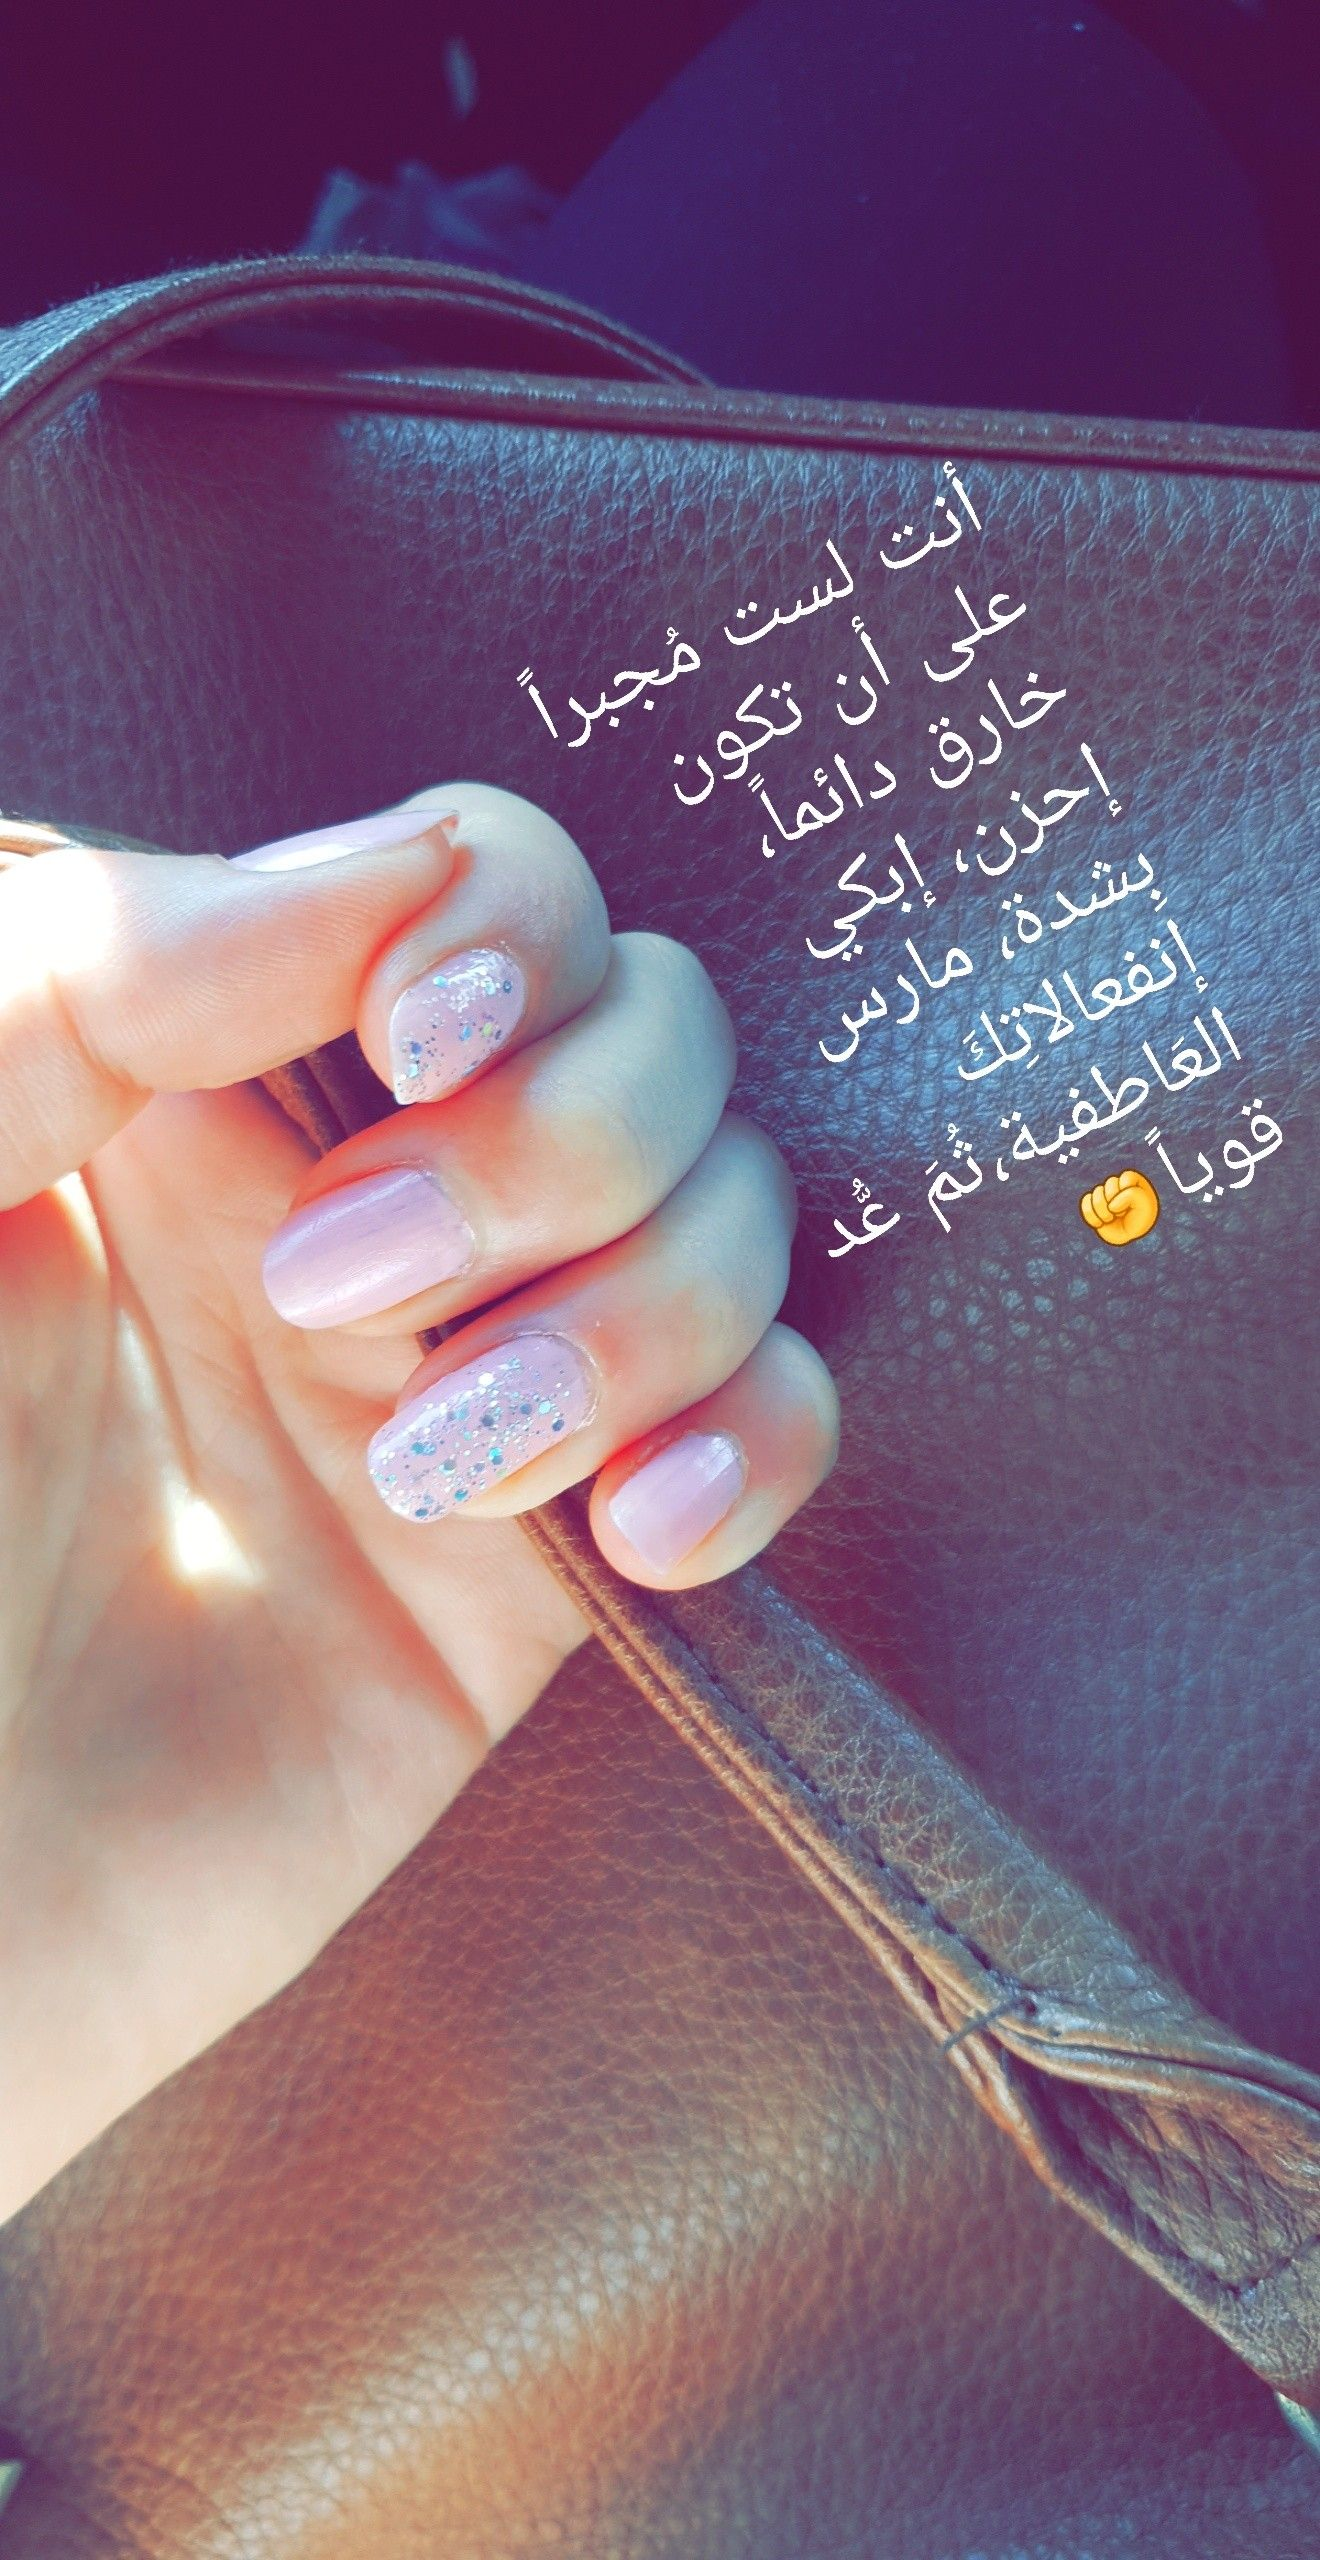 Spruche Love Arabic Dwutsch Englisch Alphabet Tattoo Designs Girly Pictures Love Quotes Wallpaper